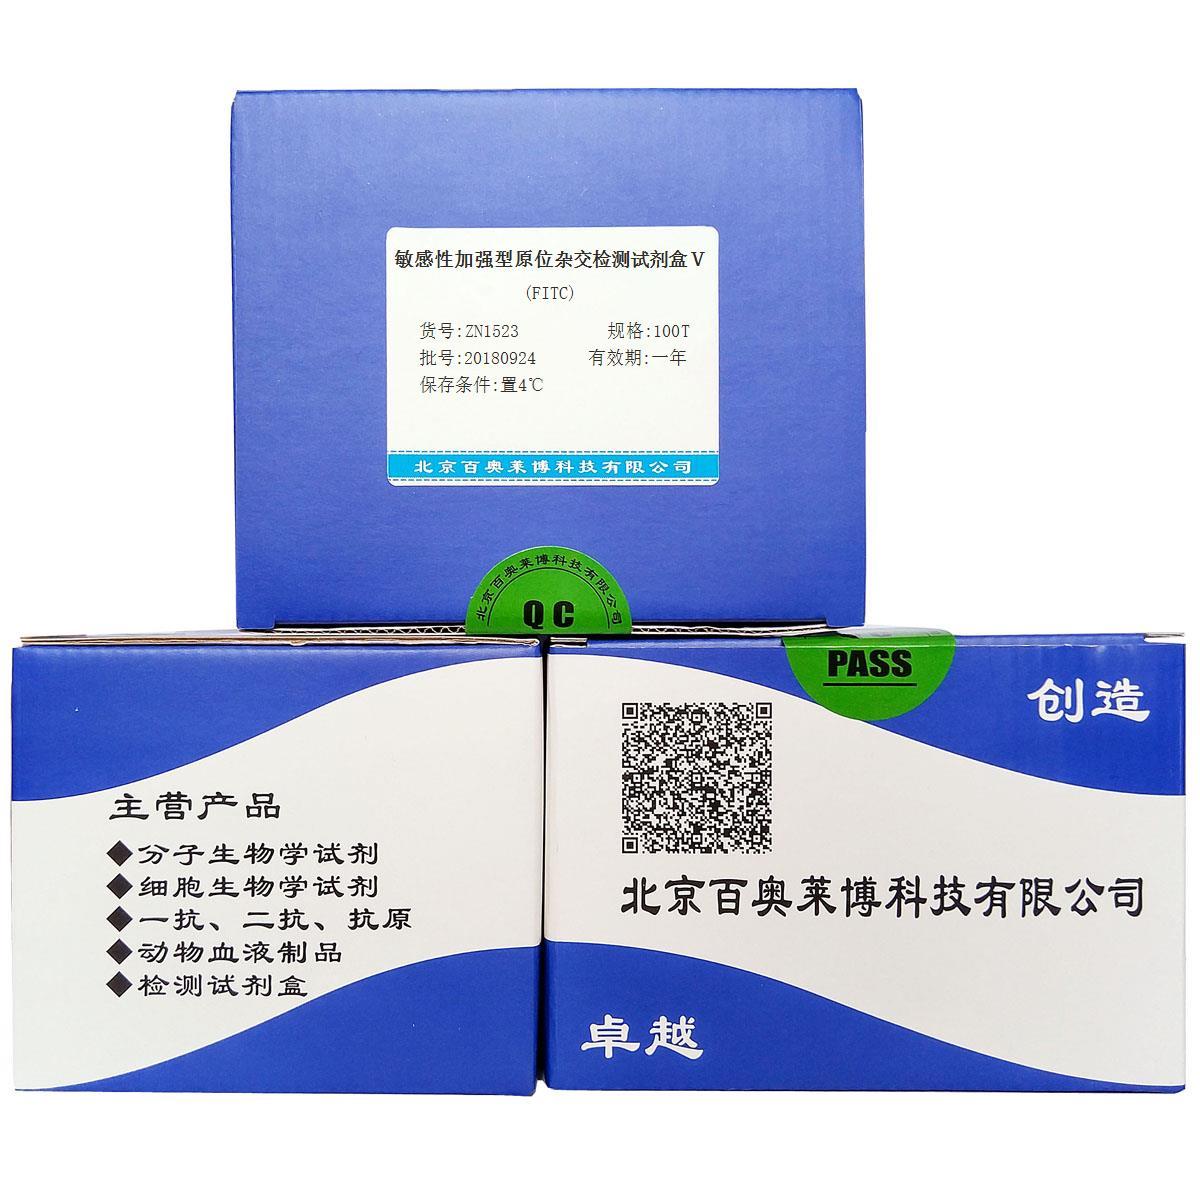 敏感性加强型原位杂交检测试剂盒Ⅴ(FITC)